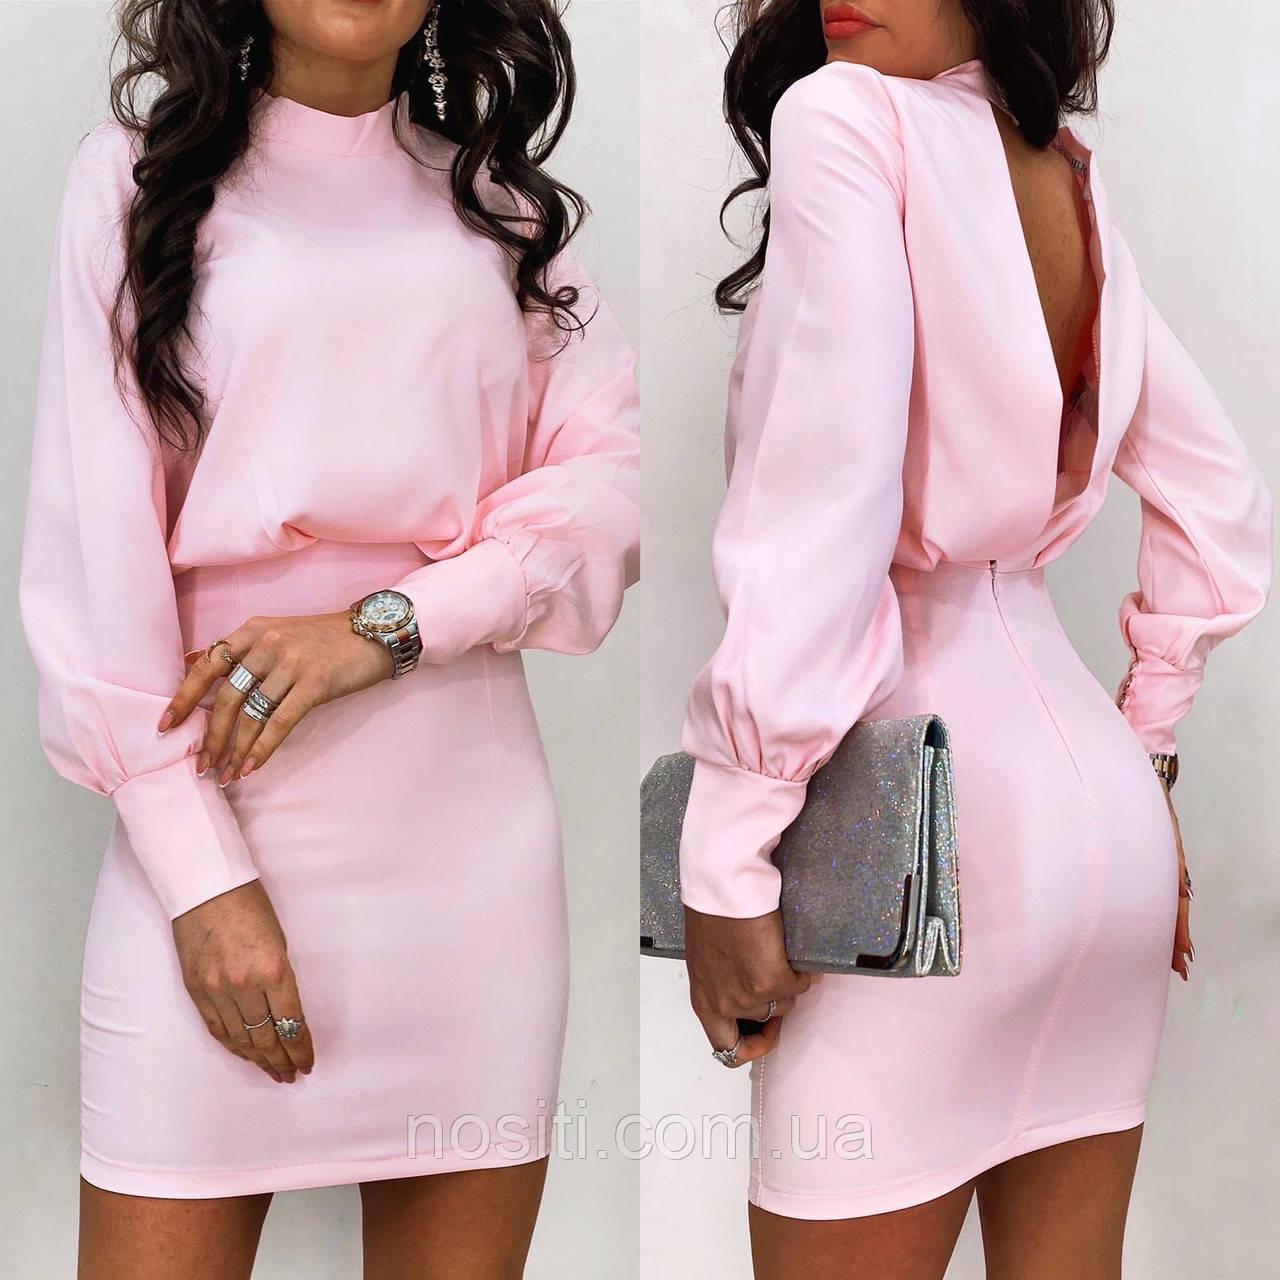 Платье с открытой спиной и длинными рукавами.